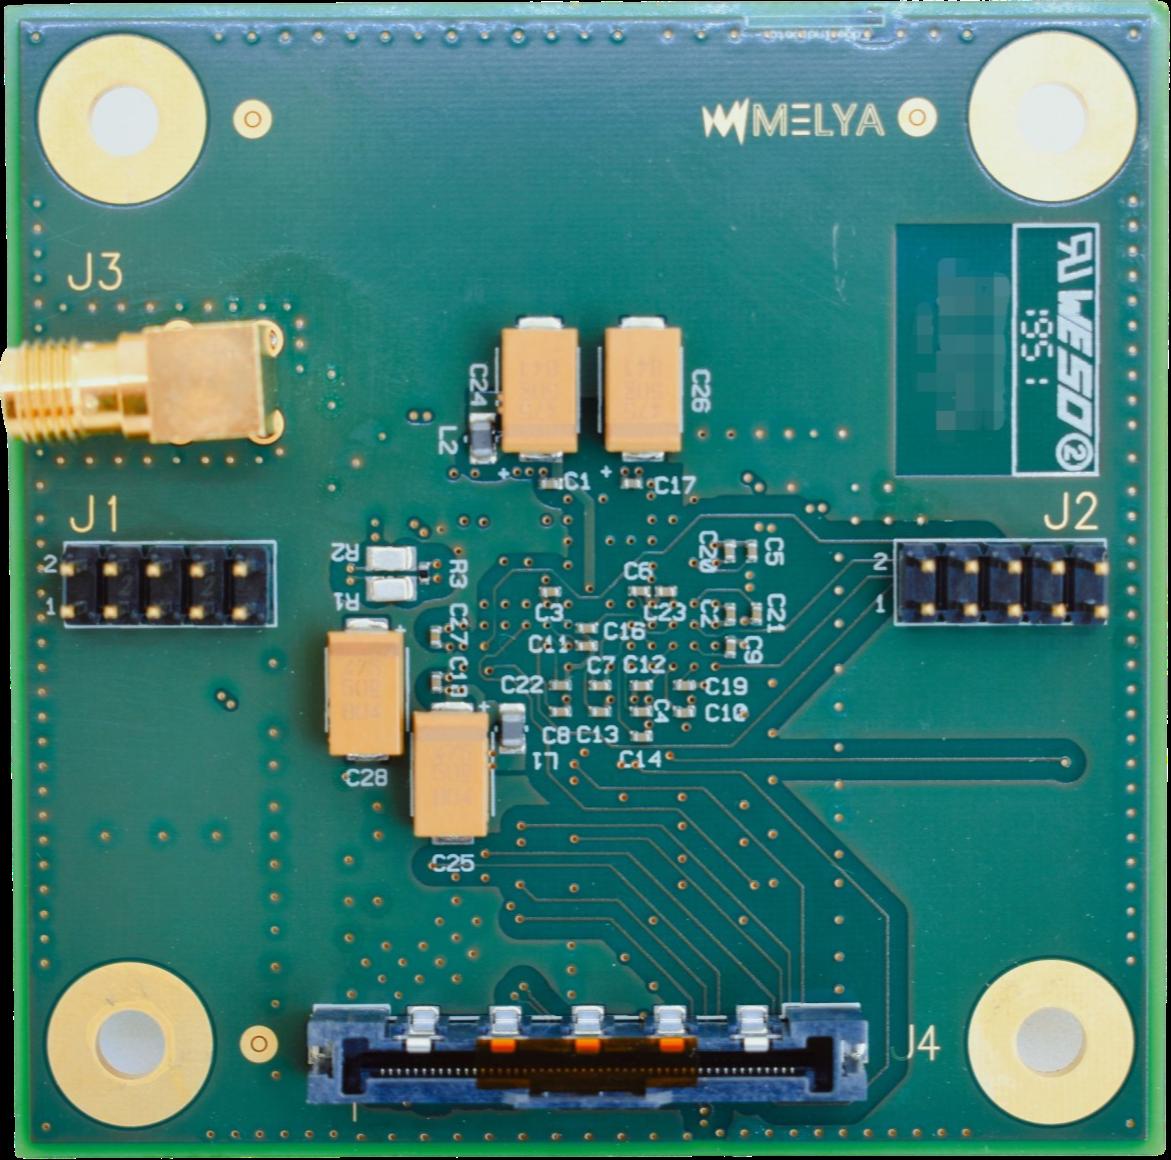 Imager Board Zync MelyaSystems